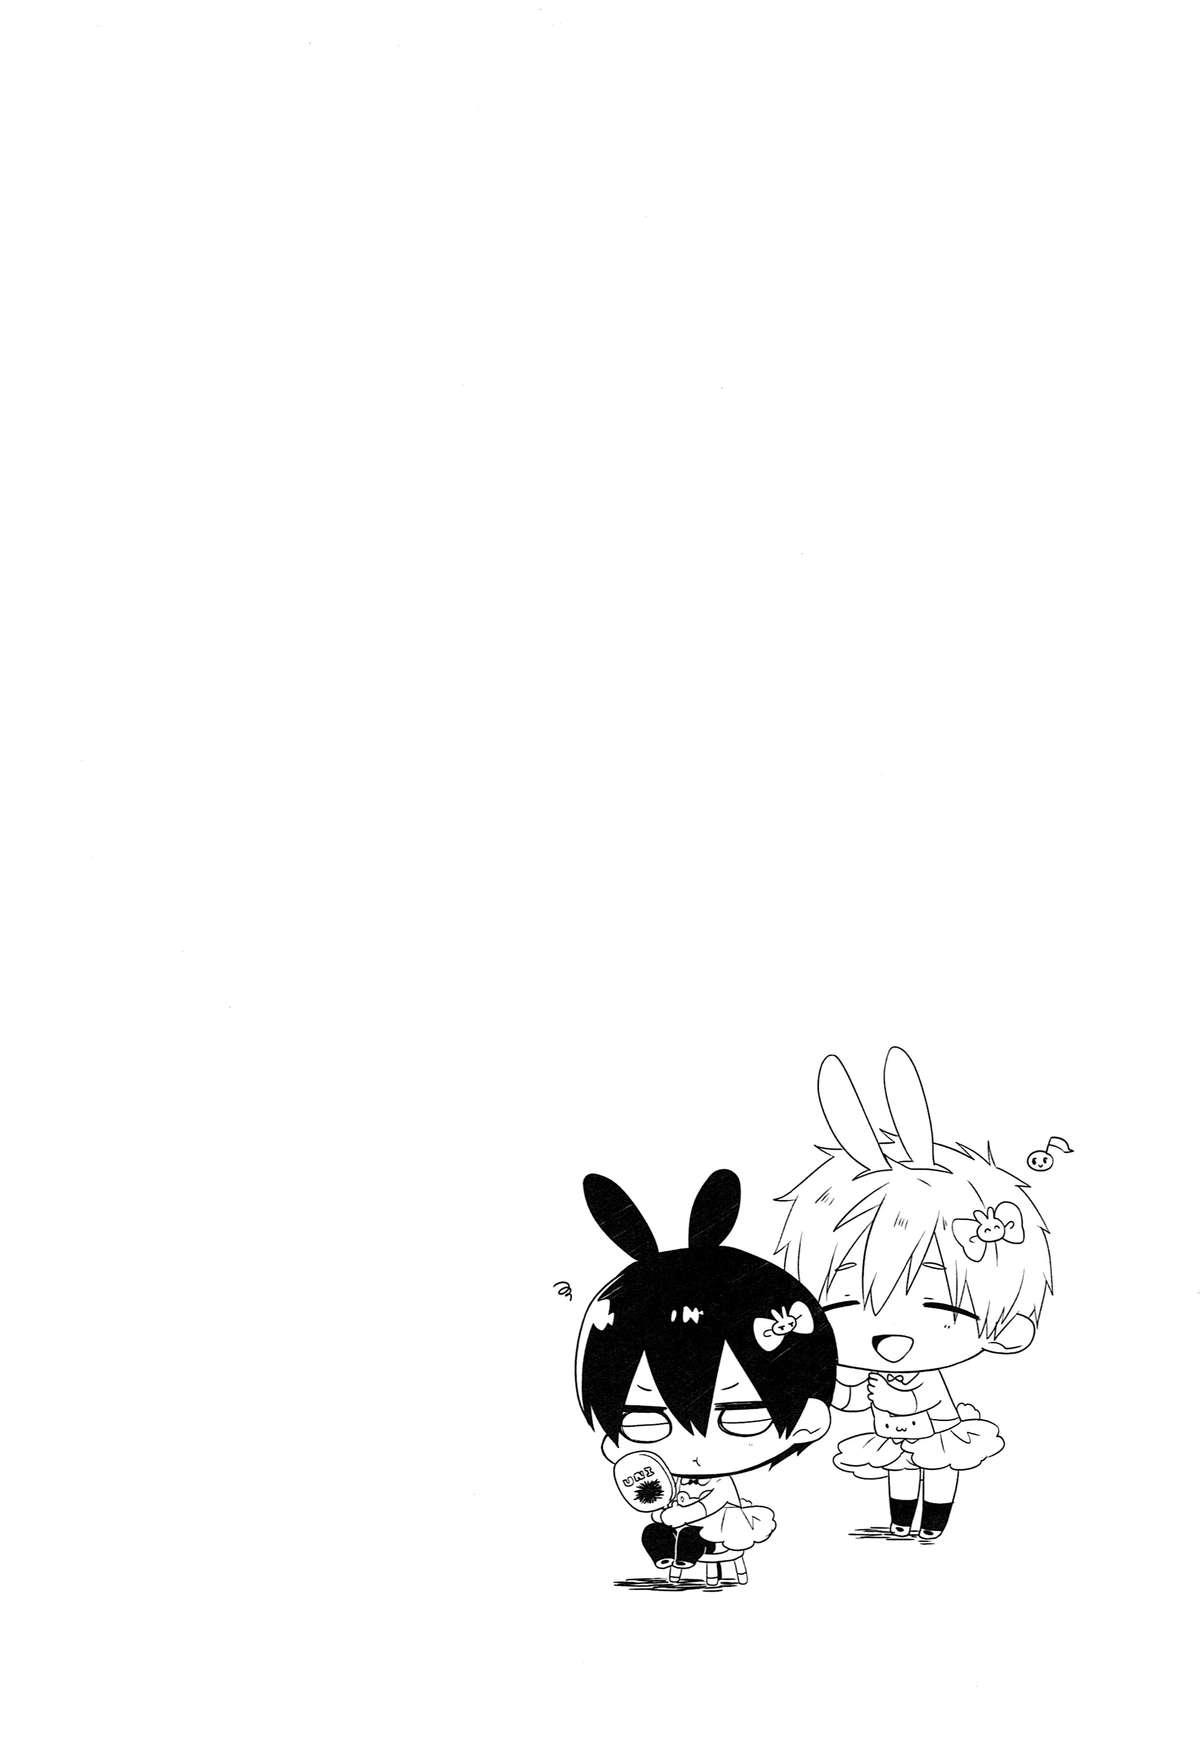 Gochuumon wa ○○○ desu ka? 4